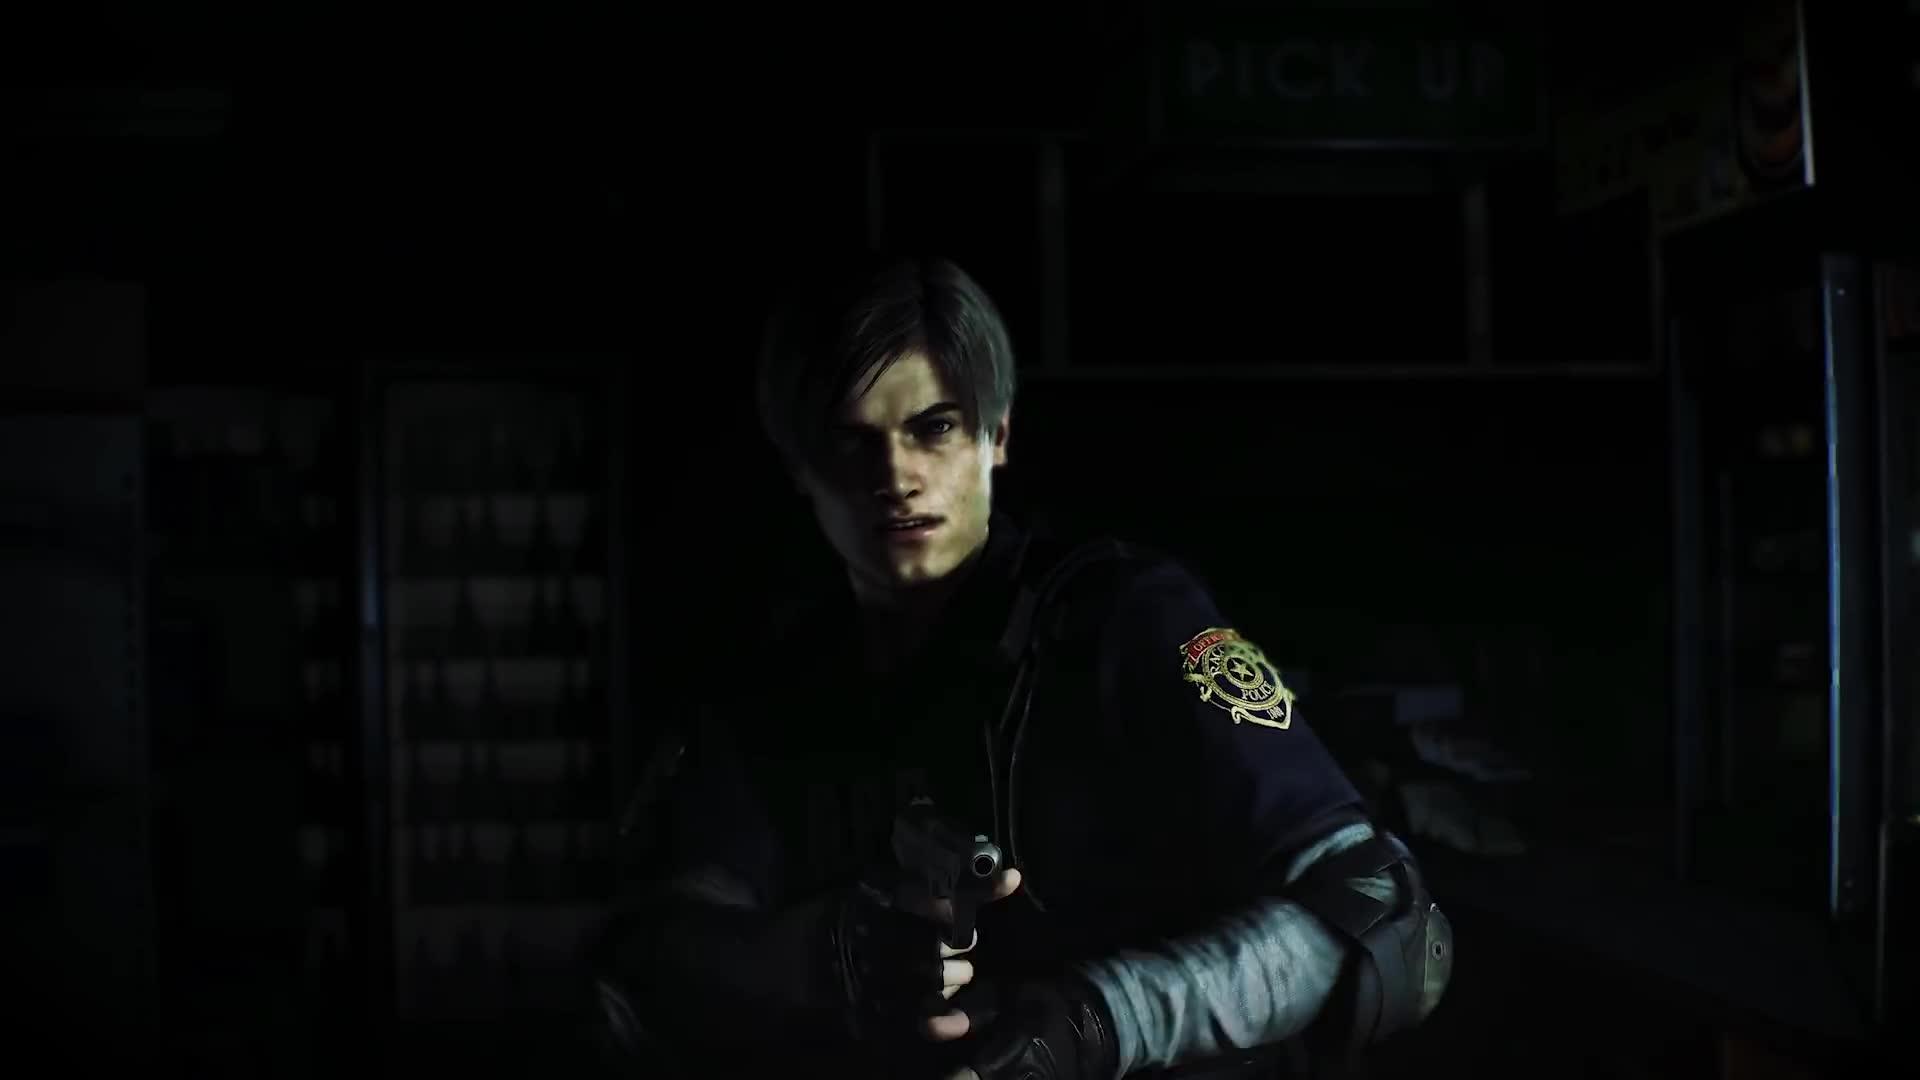 Leon Resident Evil 2 Remake Gif By Yuchimi Gfycat